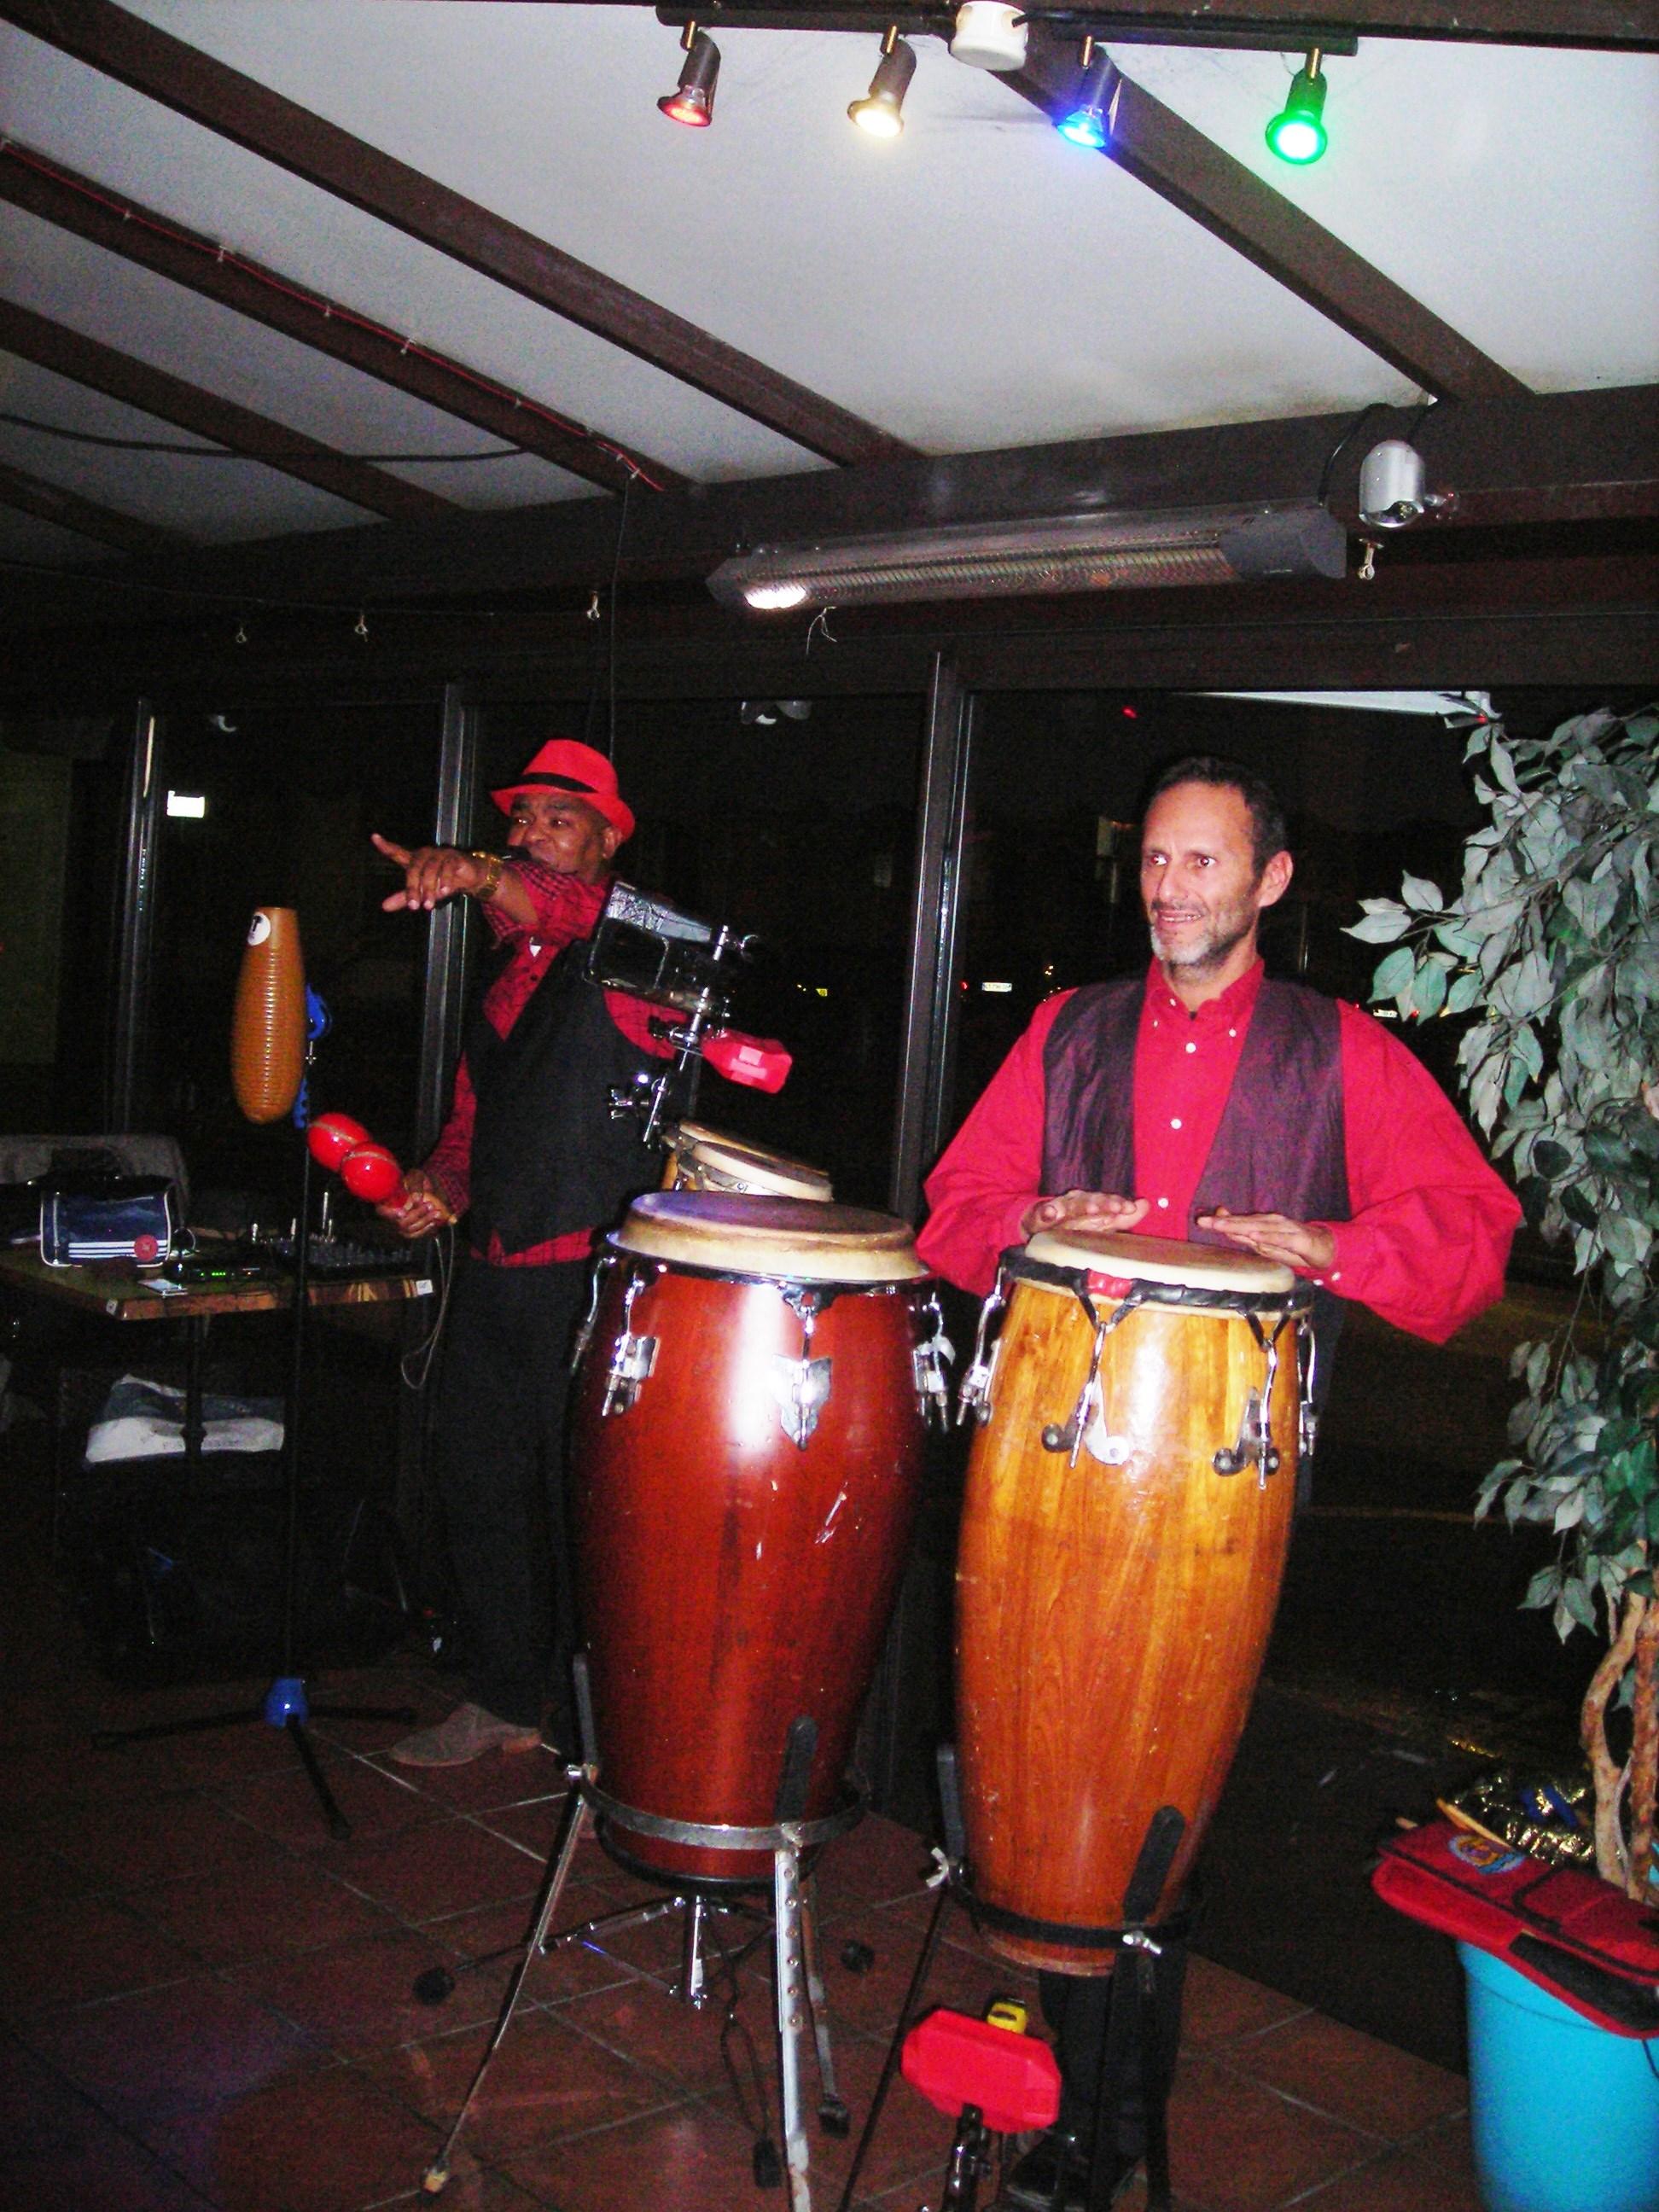 duo cubano son - musique afrocubaine